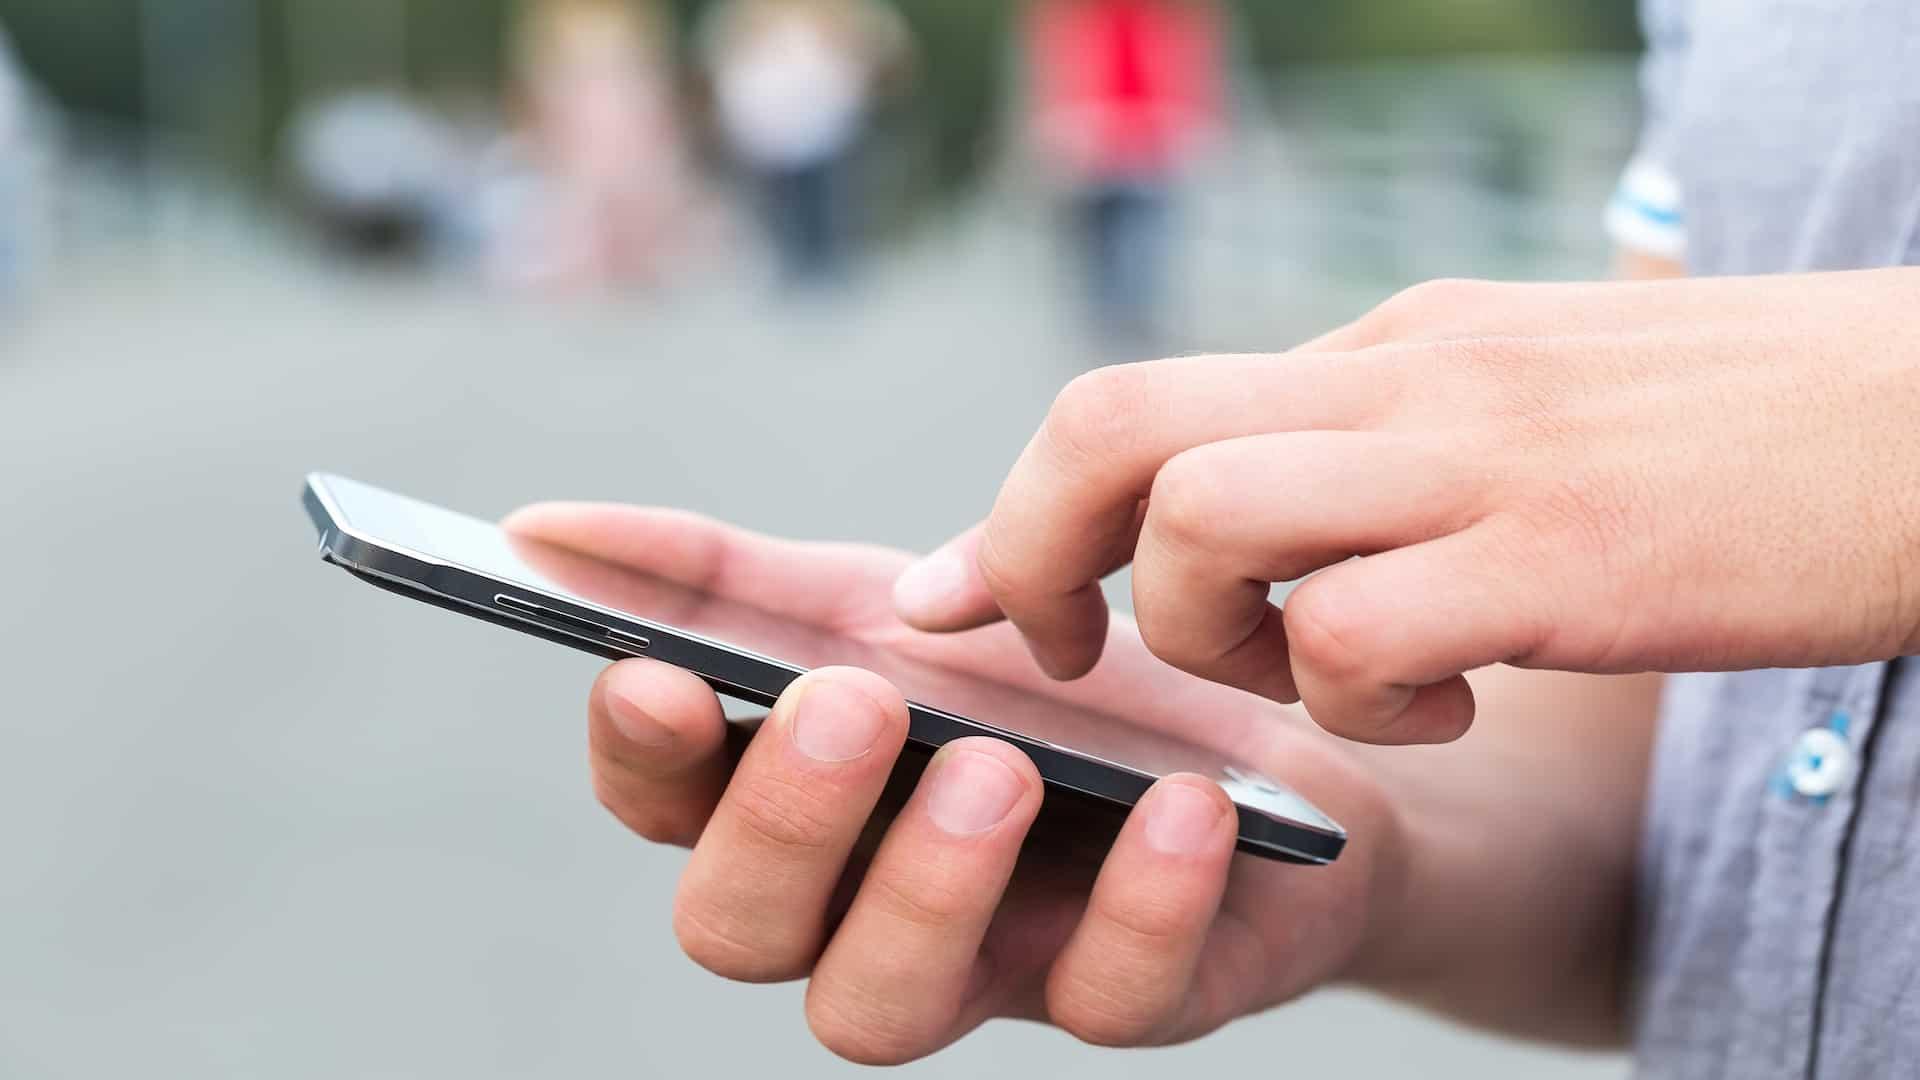 Imagem de pessoa com celular Samsung na mão.